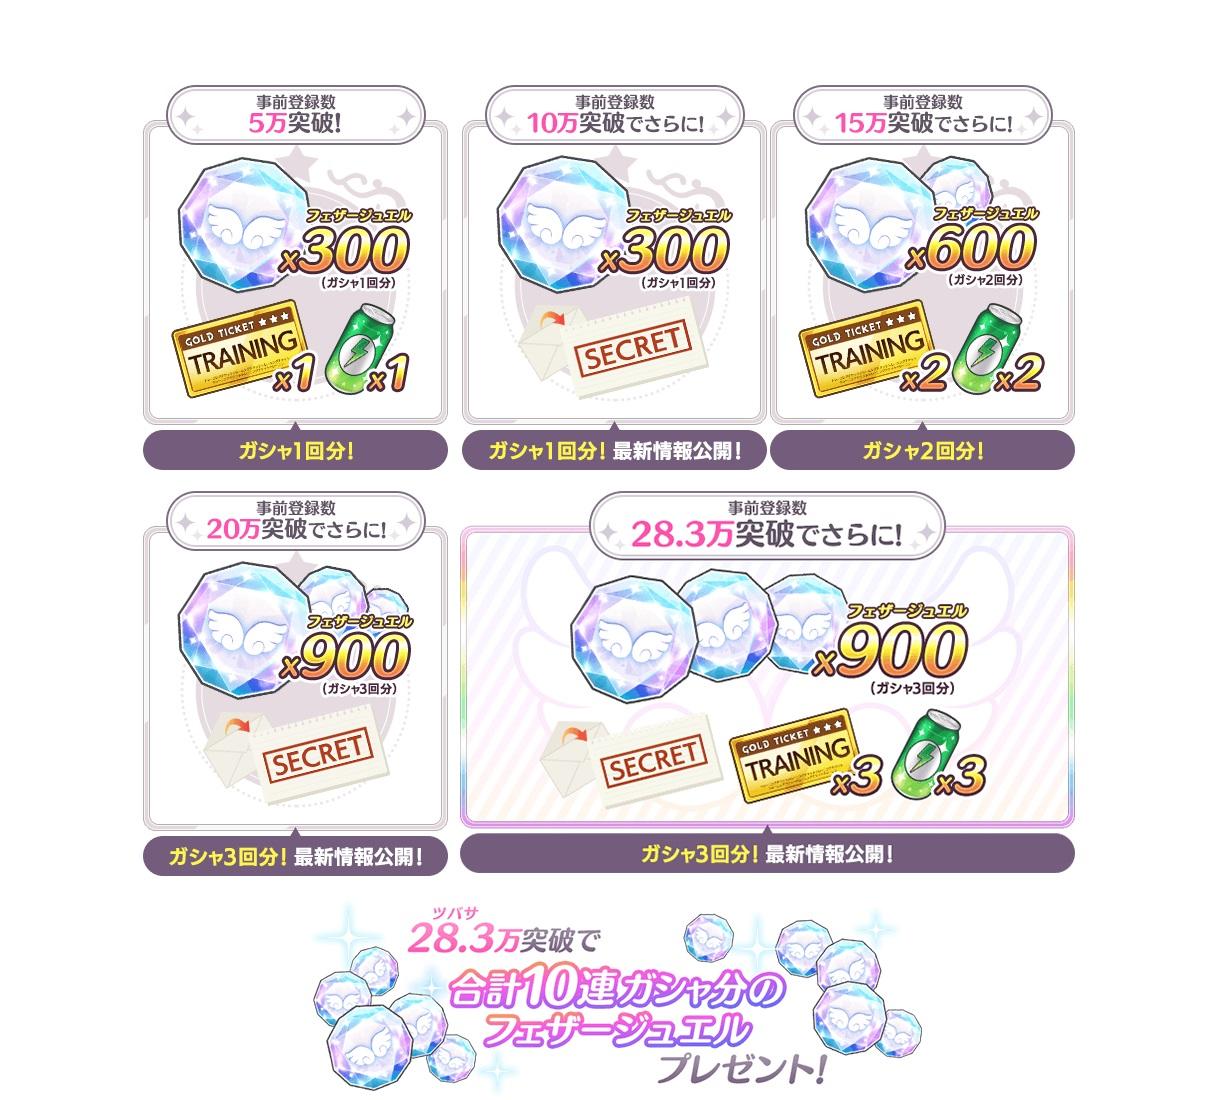 『アイドルマスター シャイニーカラーズ』が事前登録数70万突破!スマホ用壁紙などを配布!!